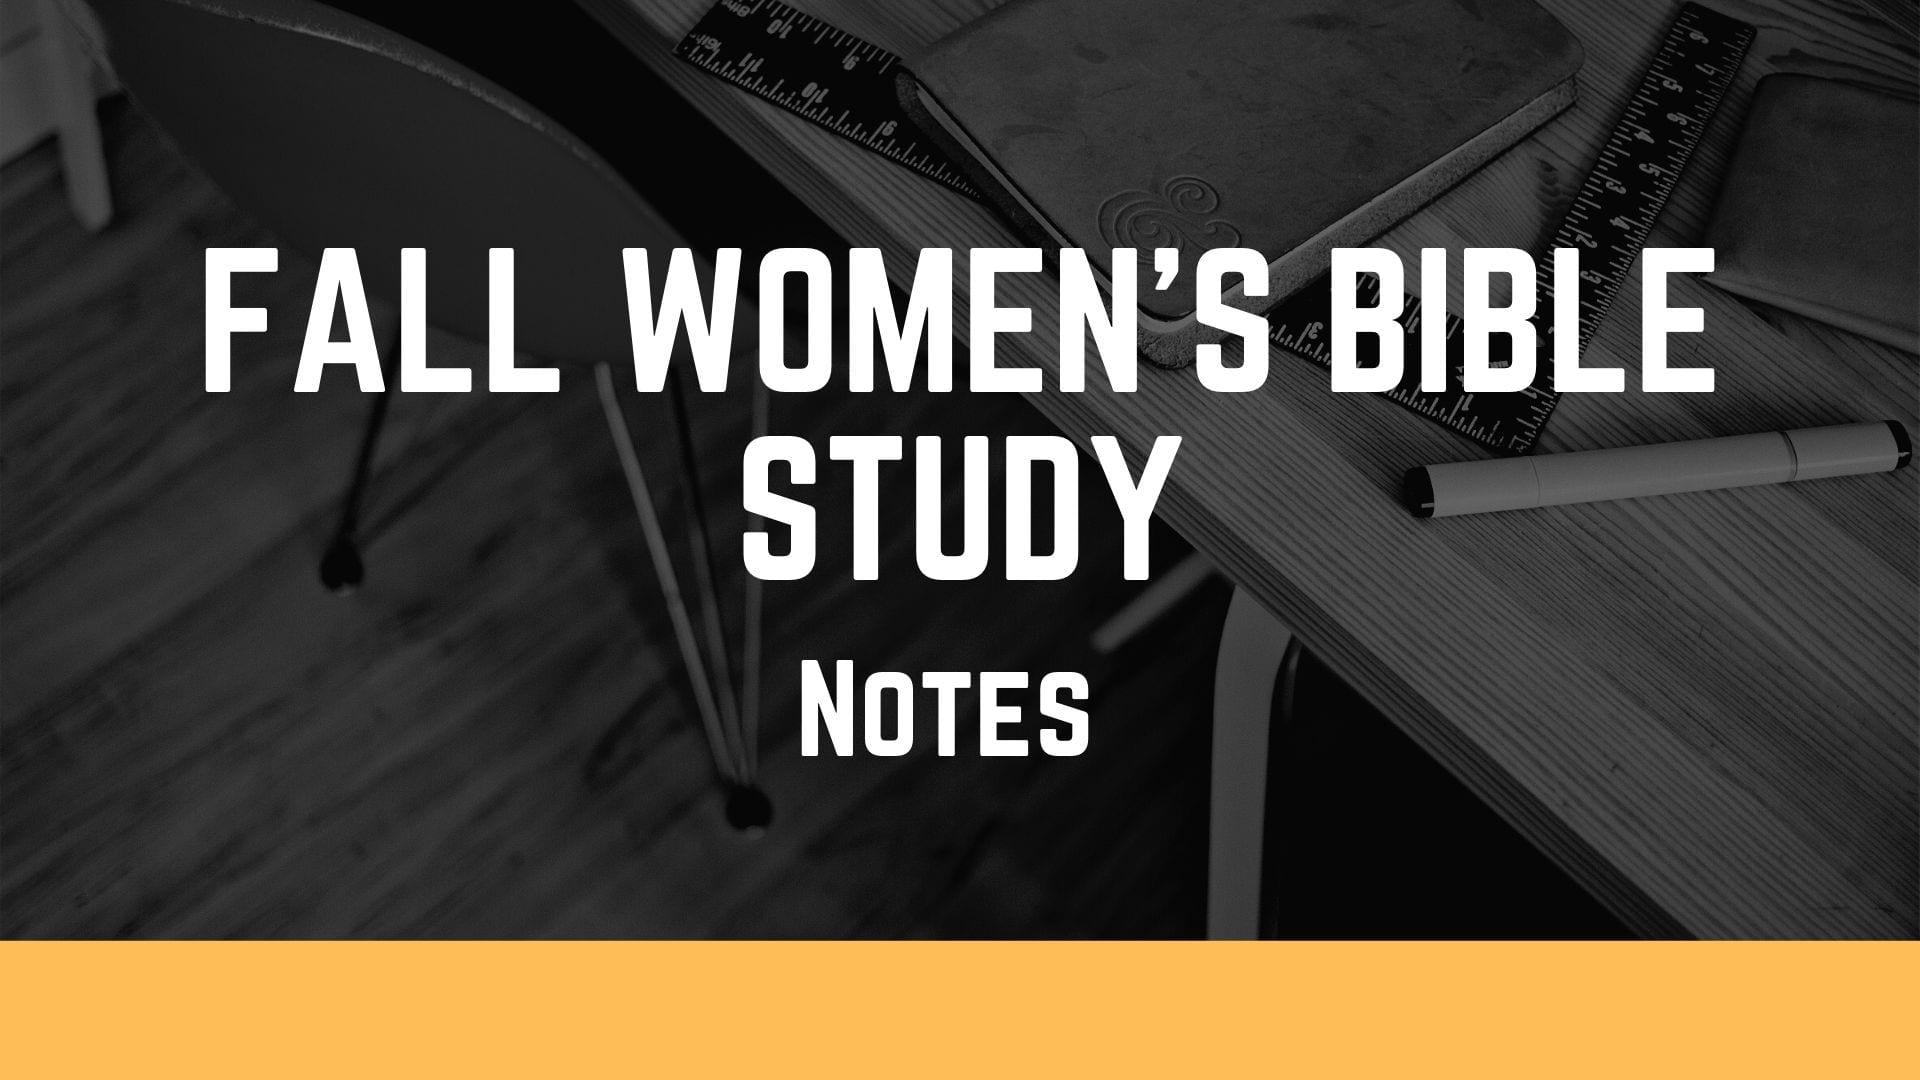 Fall Women's Bible Study Notes